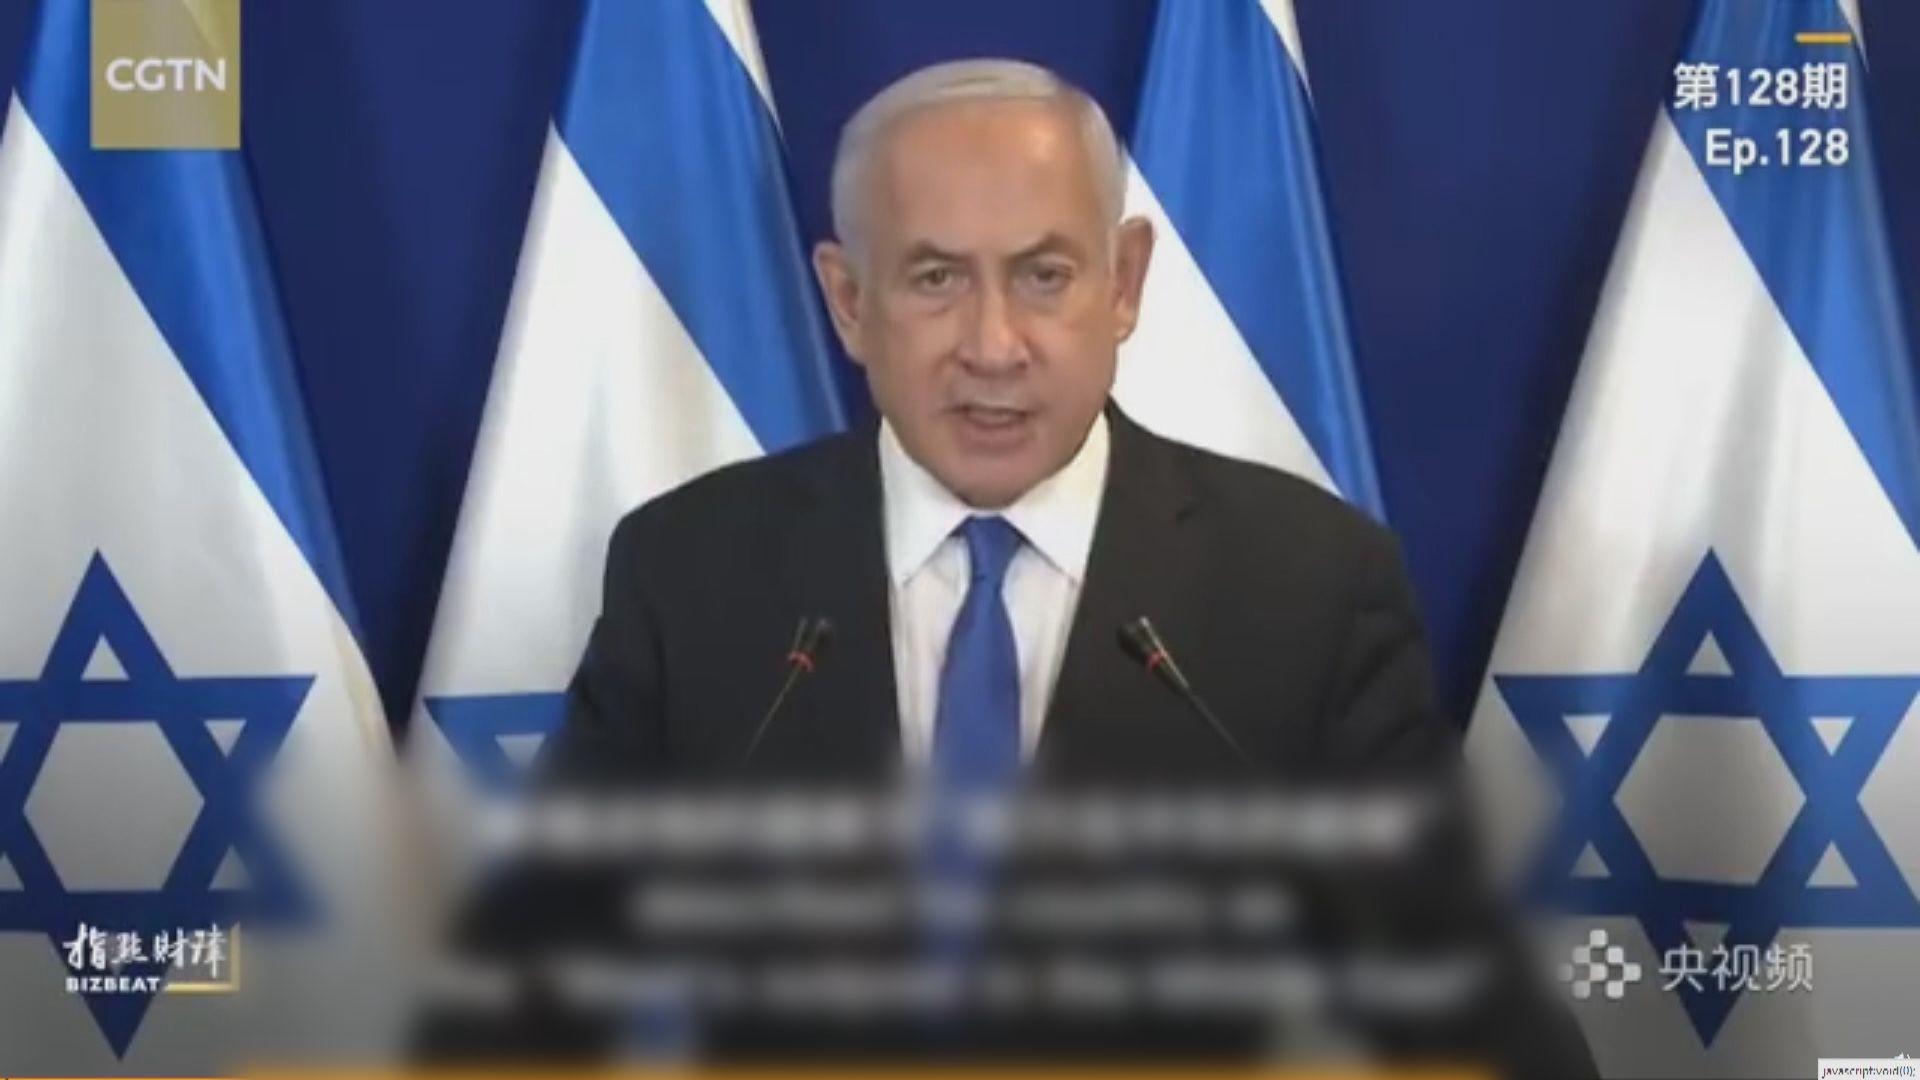 以色列駐華使館批評中國官媒反猶太主義